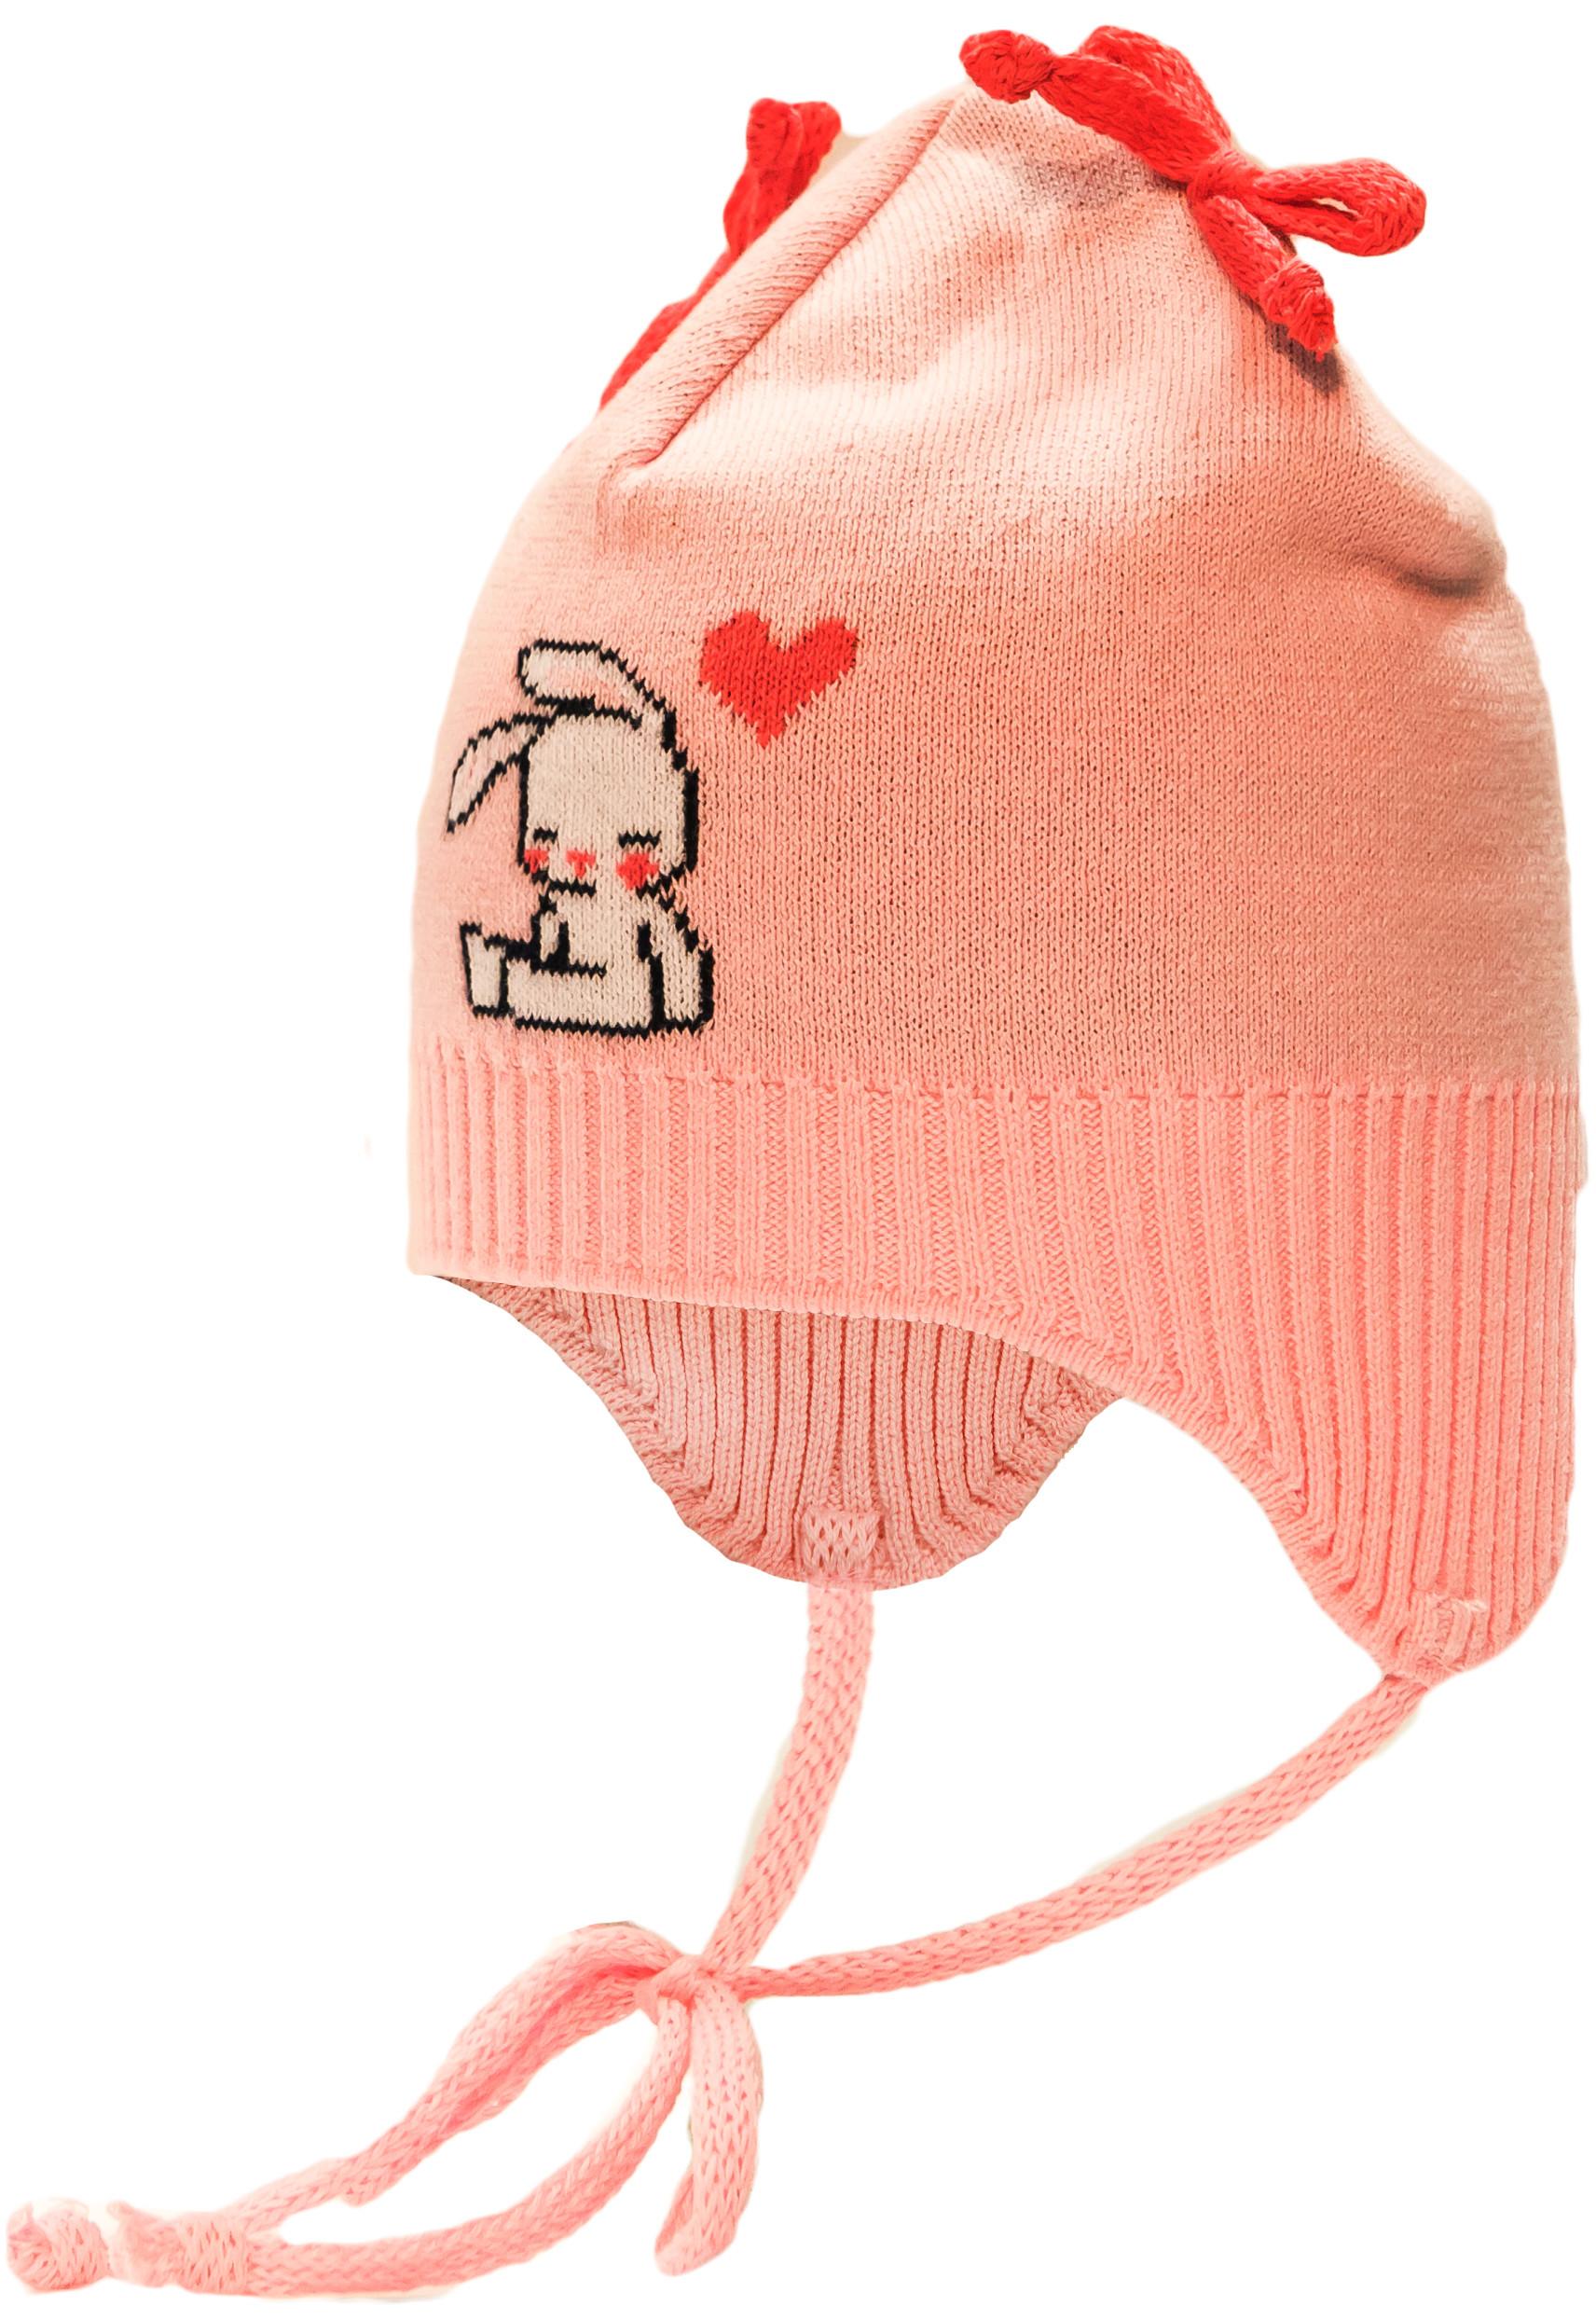 Купить Головные уборы, Шапка (ушанка) на завязках для девочки Barkito, светло-розовая, Россия, светло-розовый, Женский